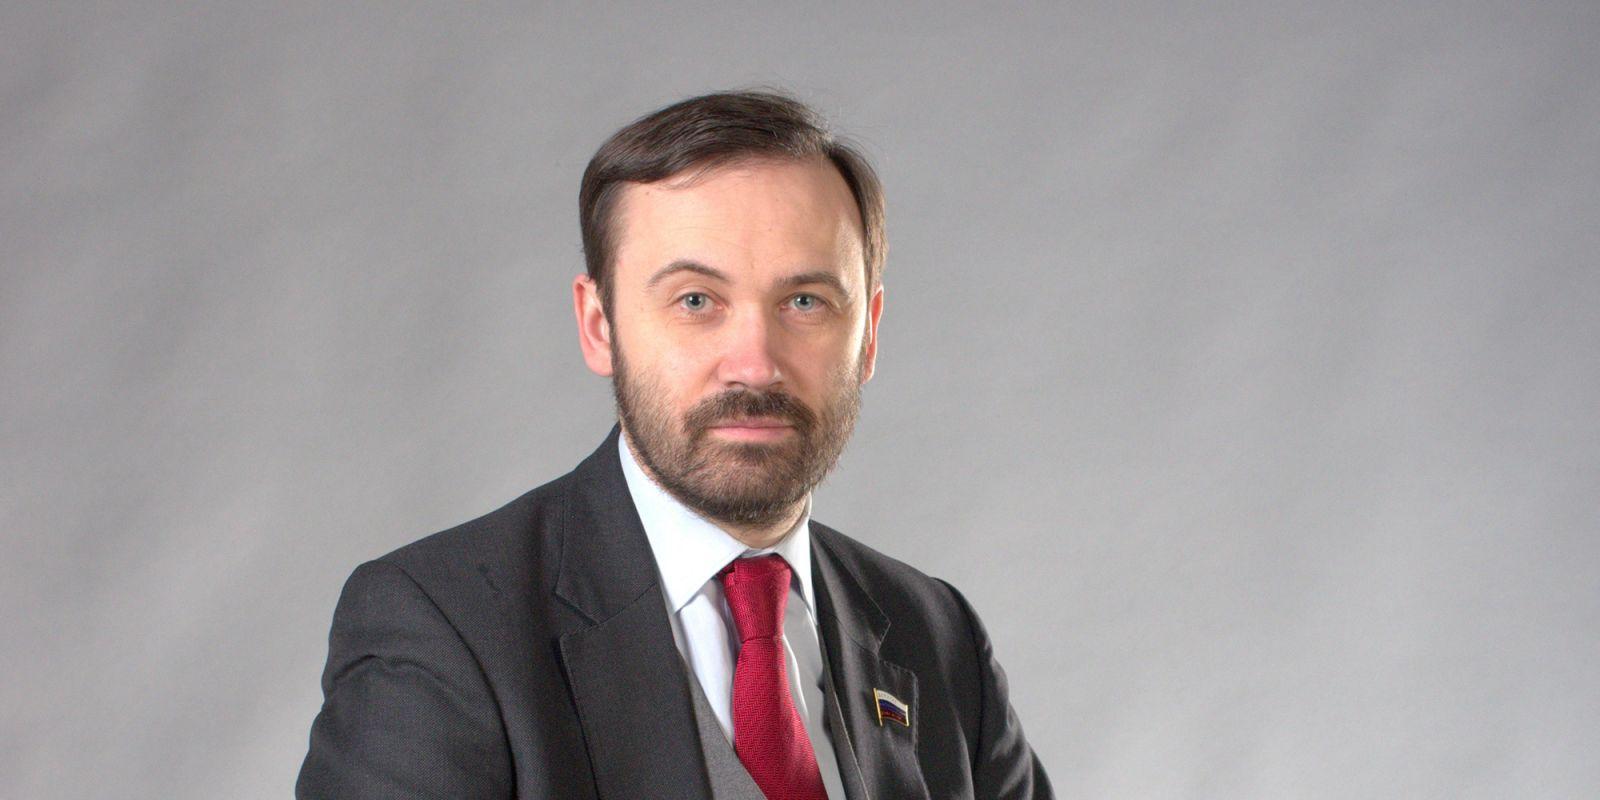 Депутат Пономарев, не поддержавший аннексию Крыма, лишен мандата